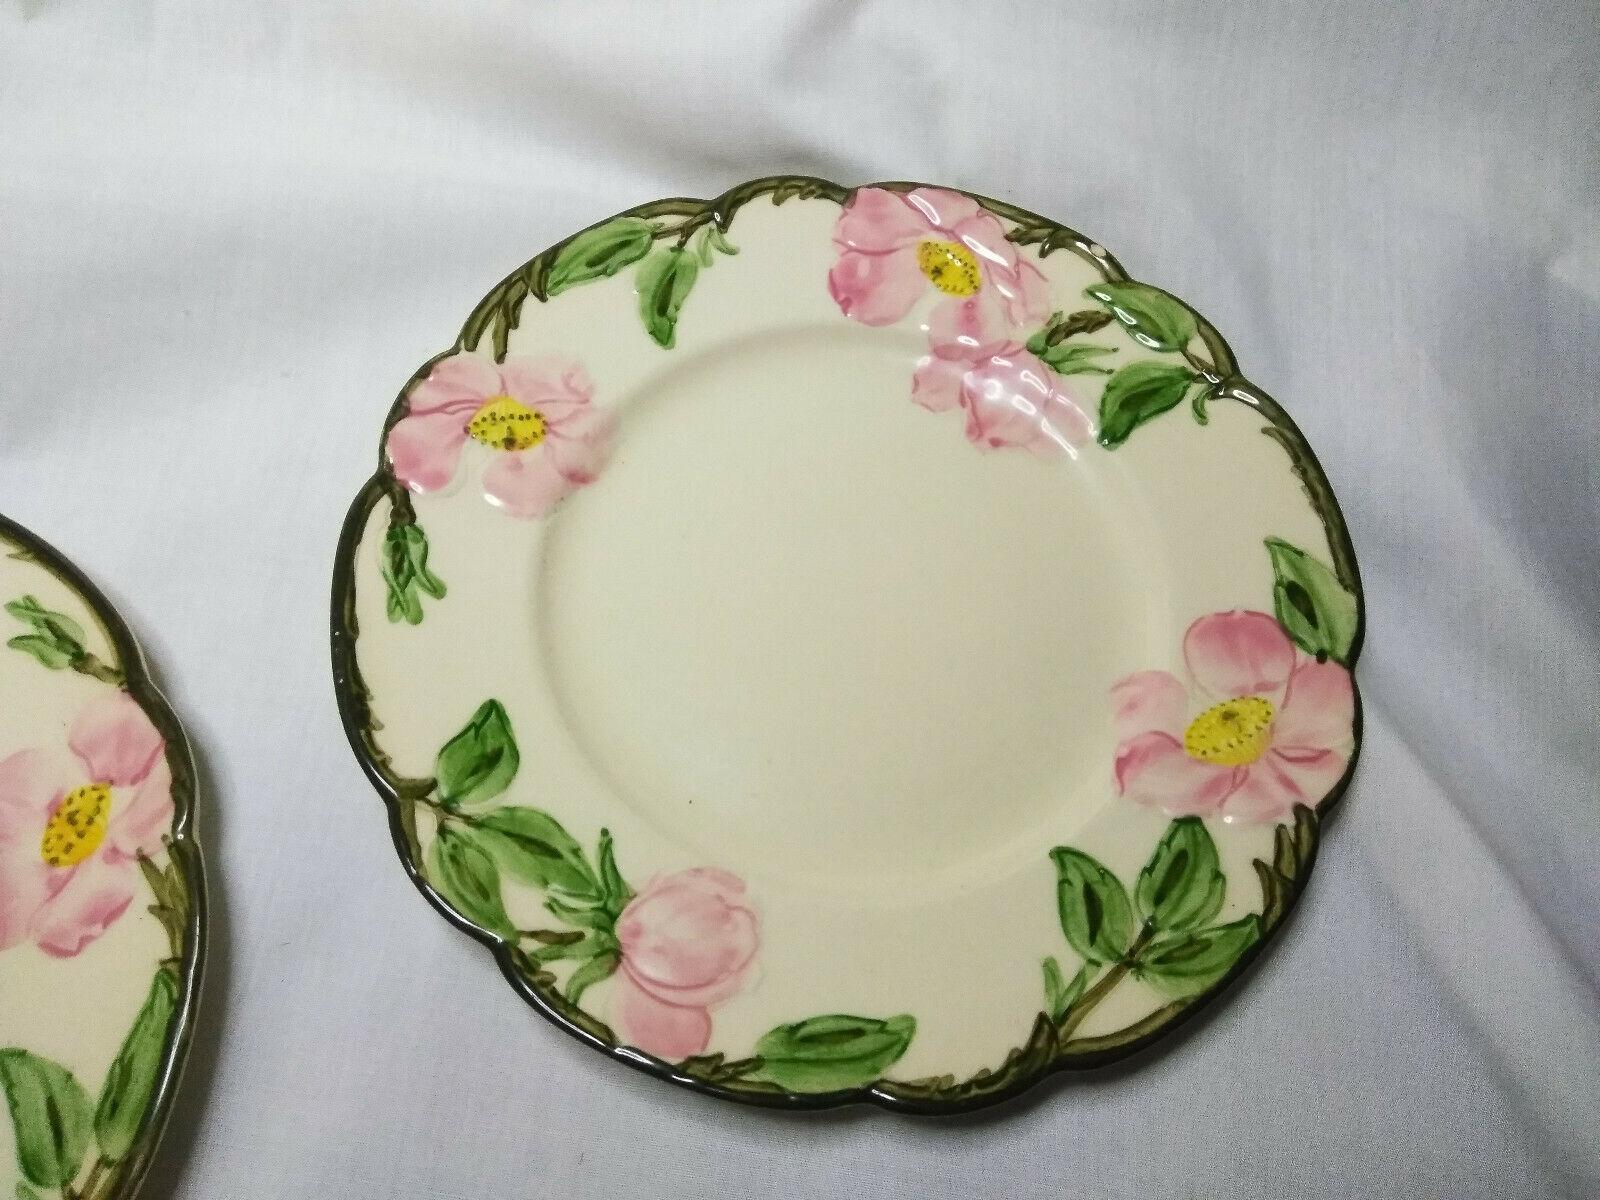 Vintage Franciscan China Desert Rose Set of 2-5.5 inch Saucer Plates